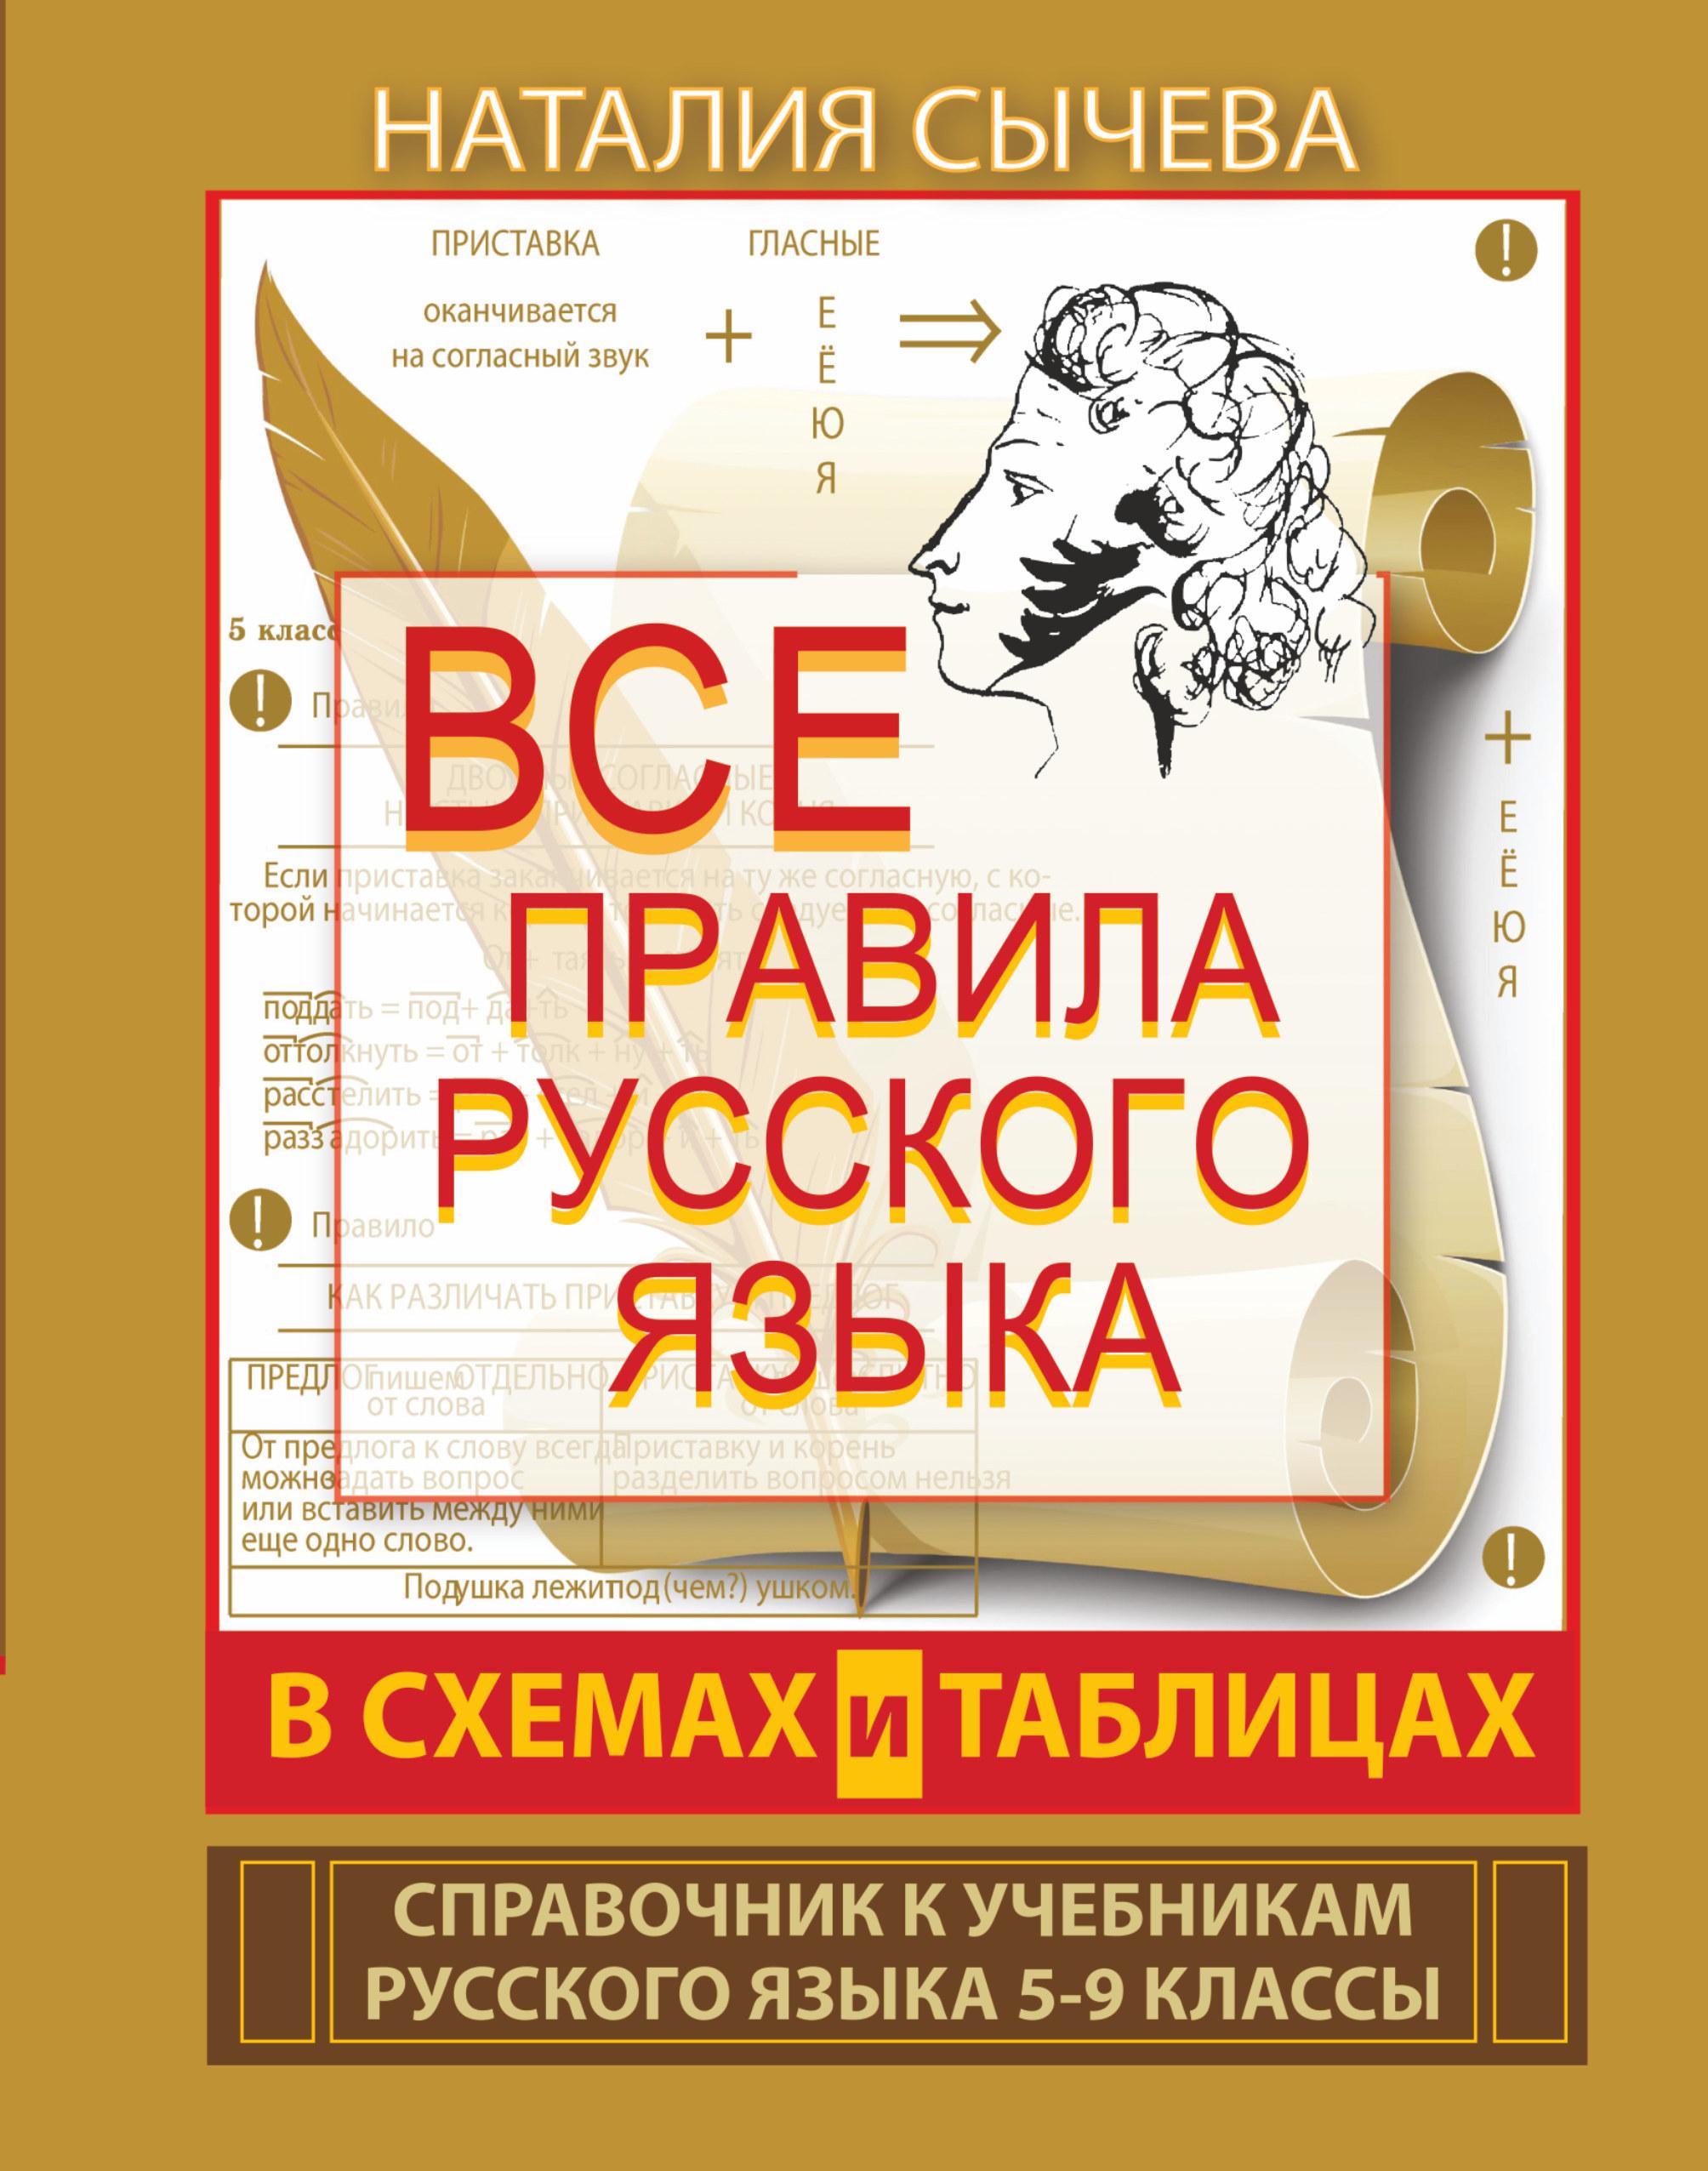 Русский в схемах и таблицах фото 4